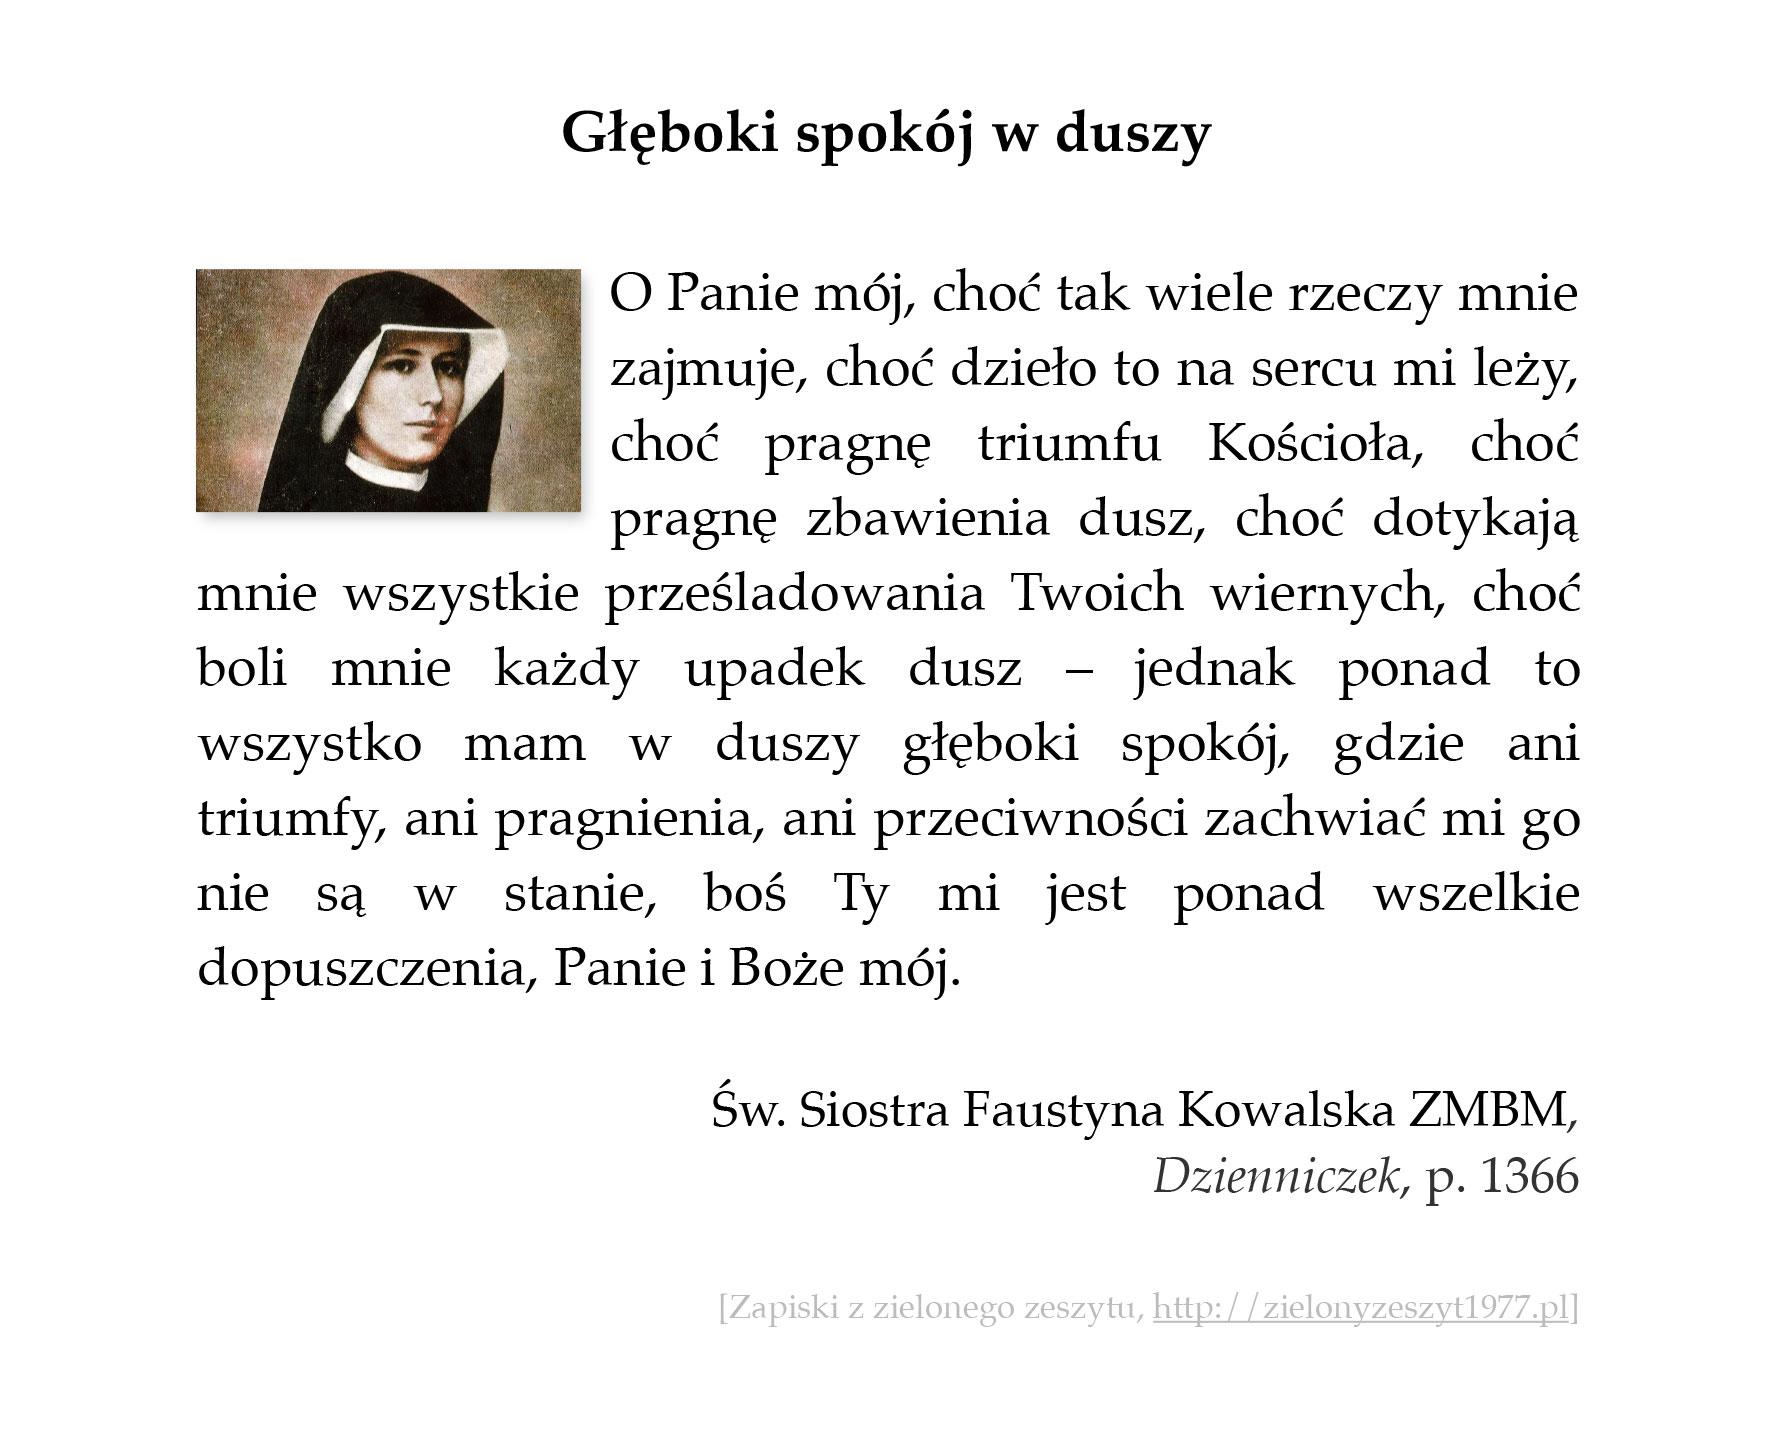 Głęboki spokój w duszy; św. Faustyna Kowalska